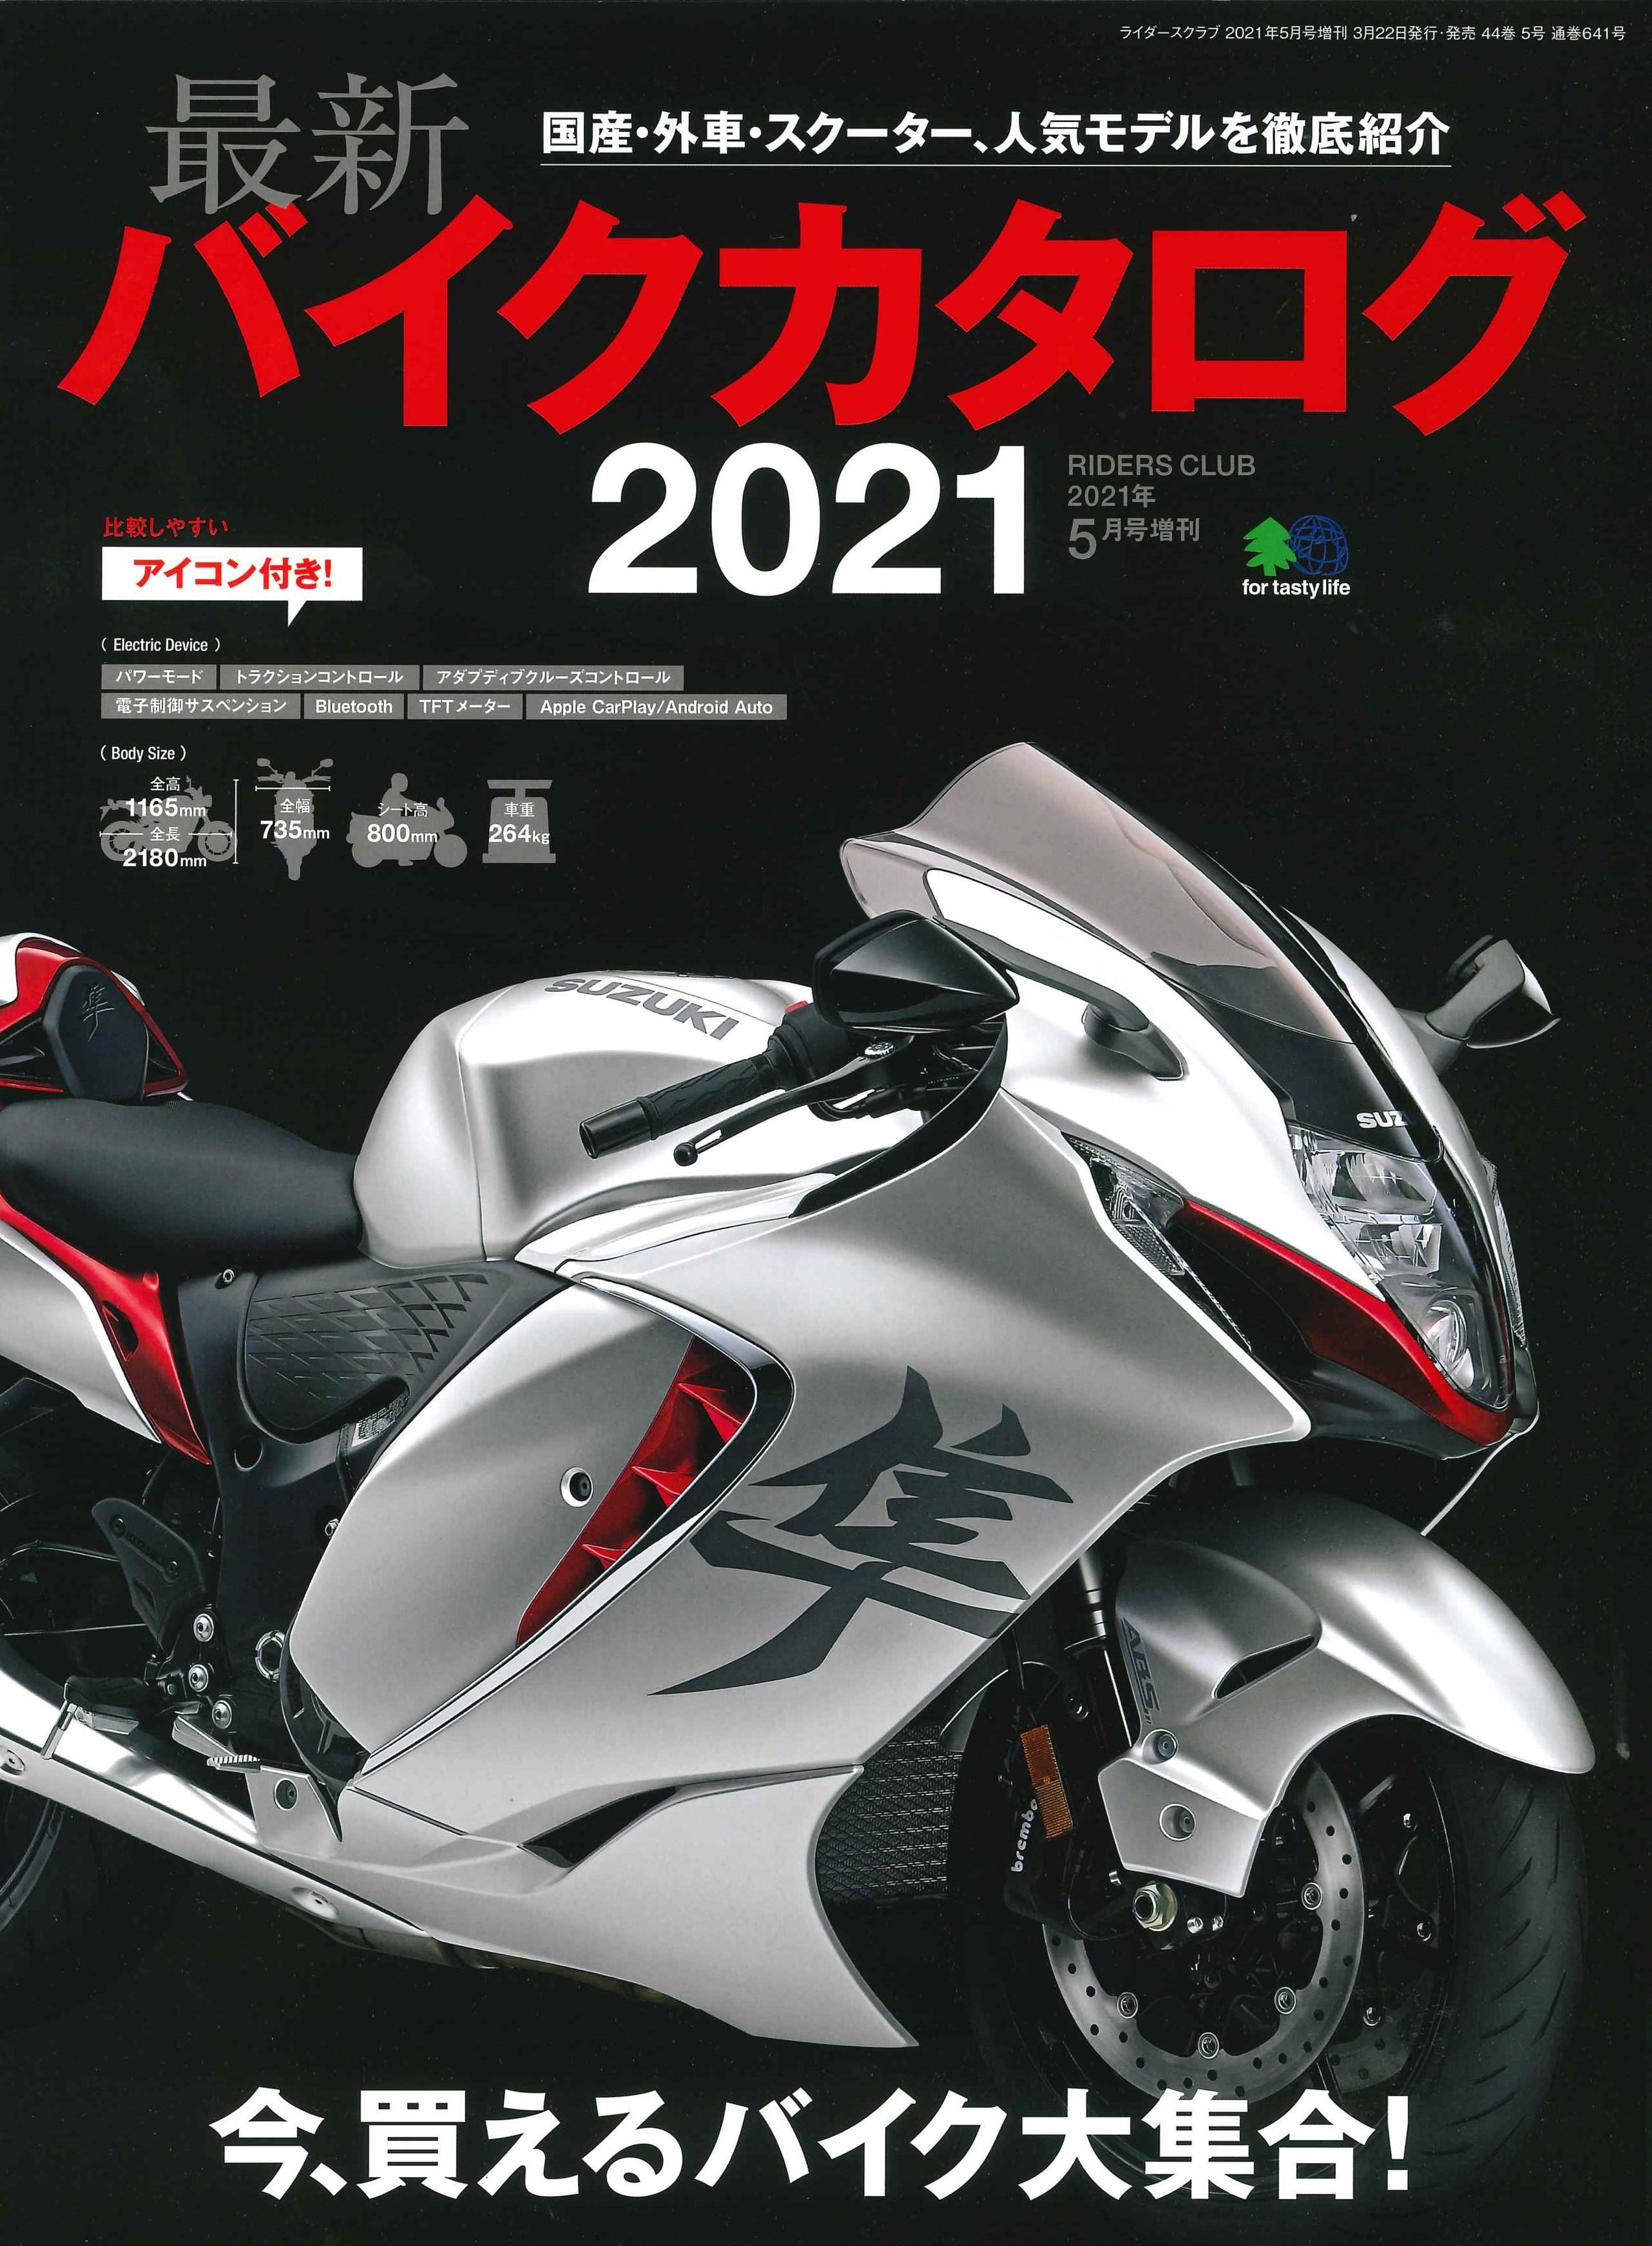 【最新バイクカタログ2021 掲載】B+COM SB6X / ONE / MOUNT SYSTEM